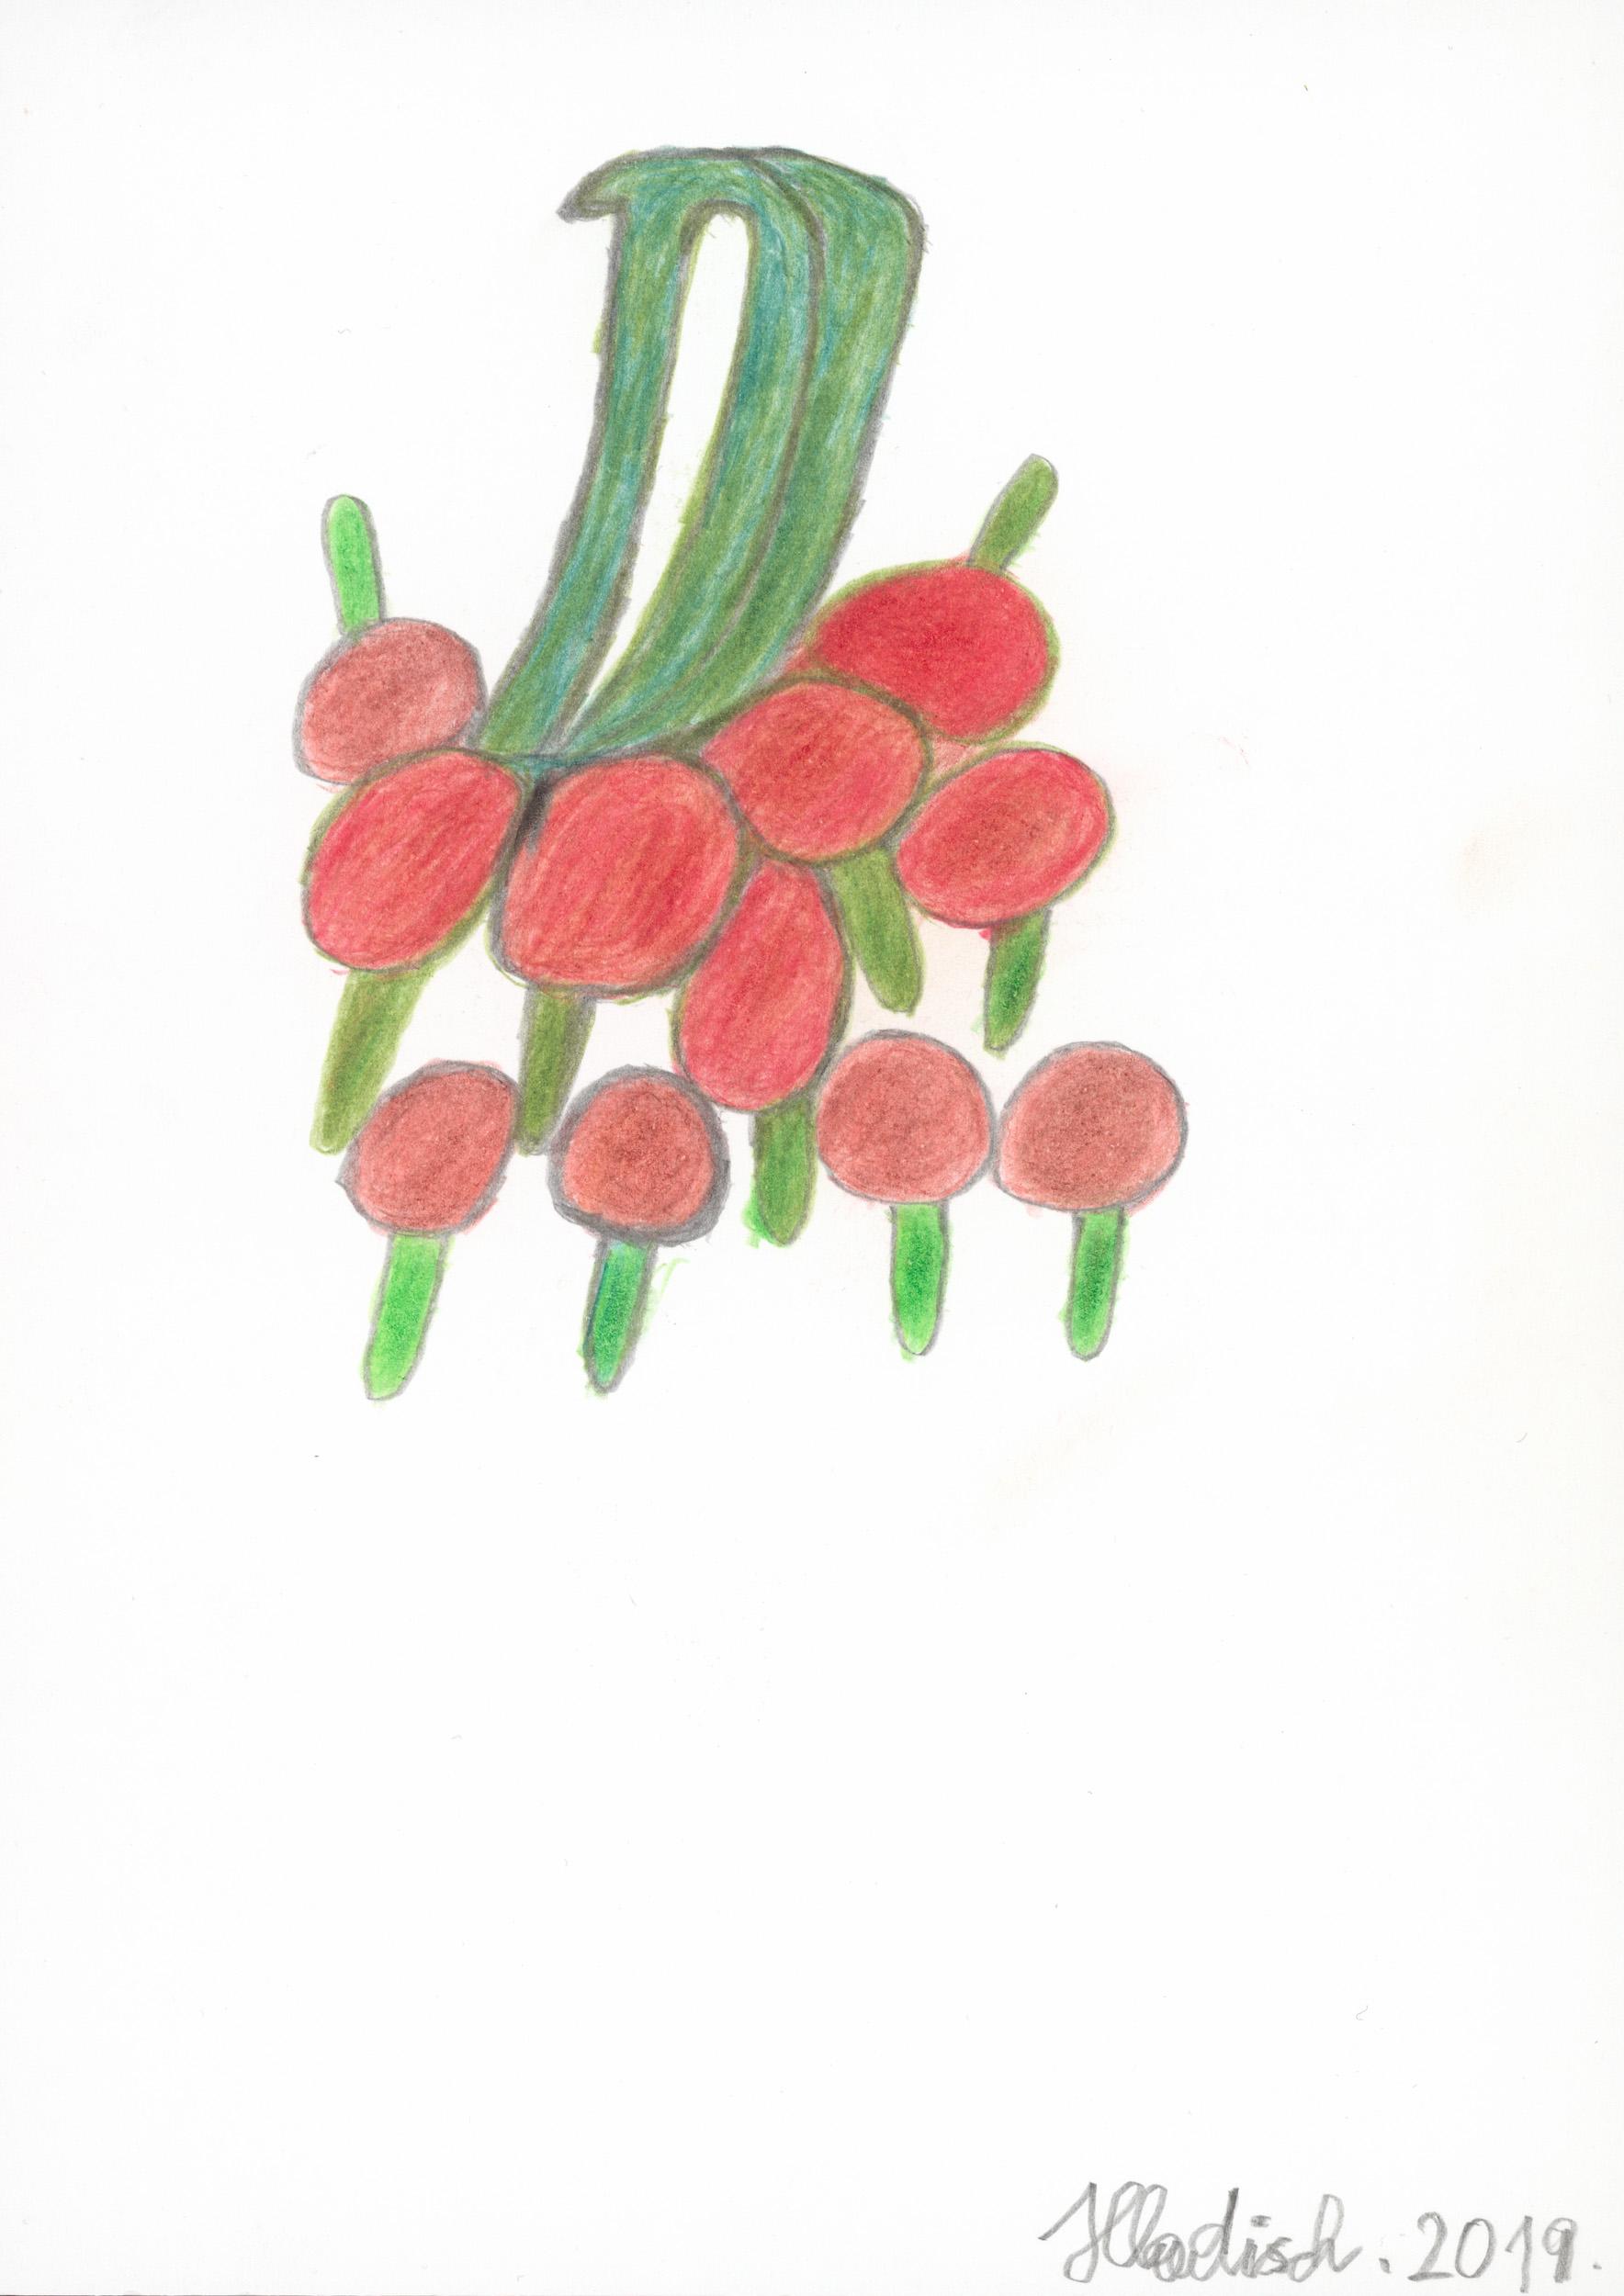 hladisch helmut - Rispentomaten / Tomatoes on the vine